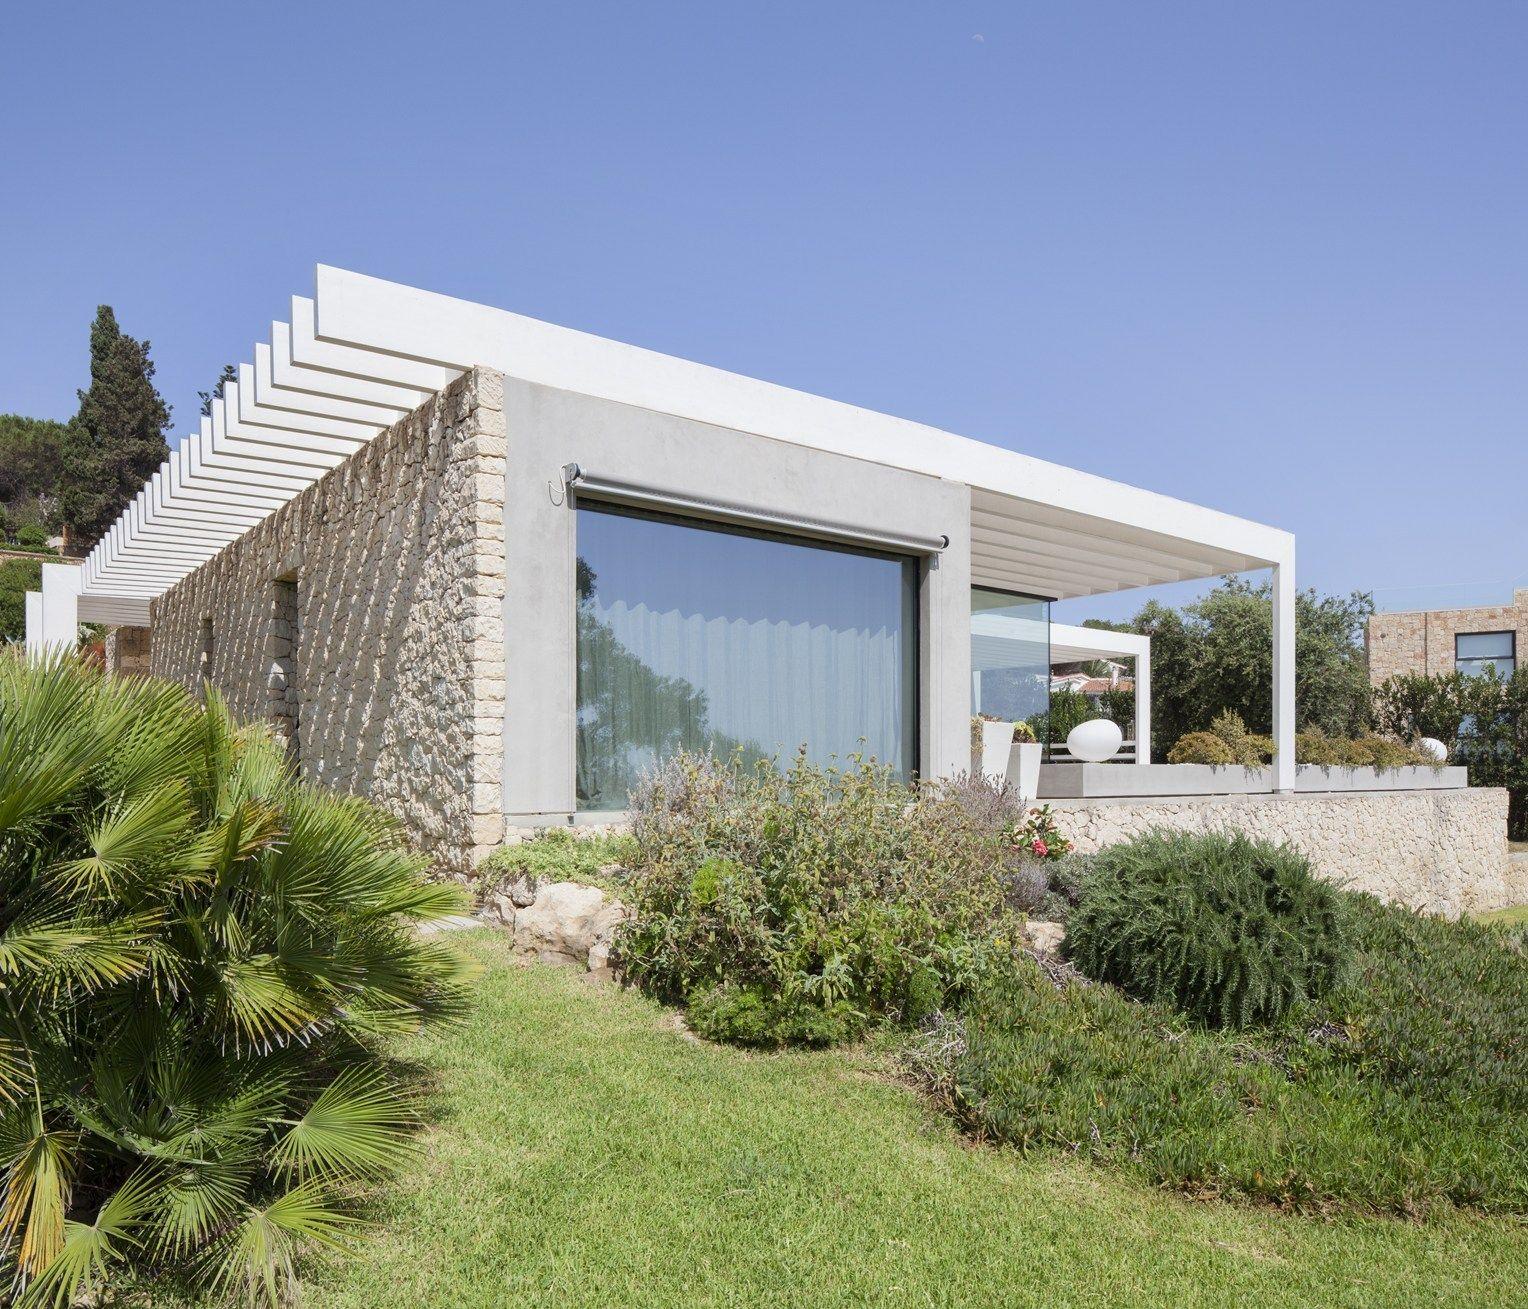 Un architettura leggera immersa nella natura siciliana for Architettura natura